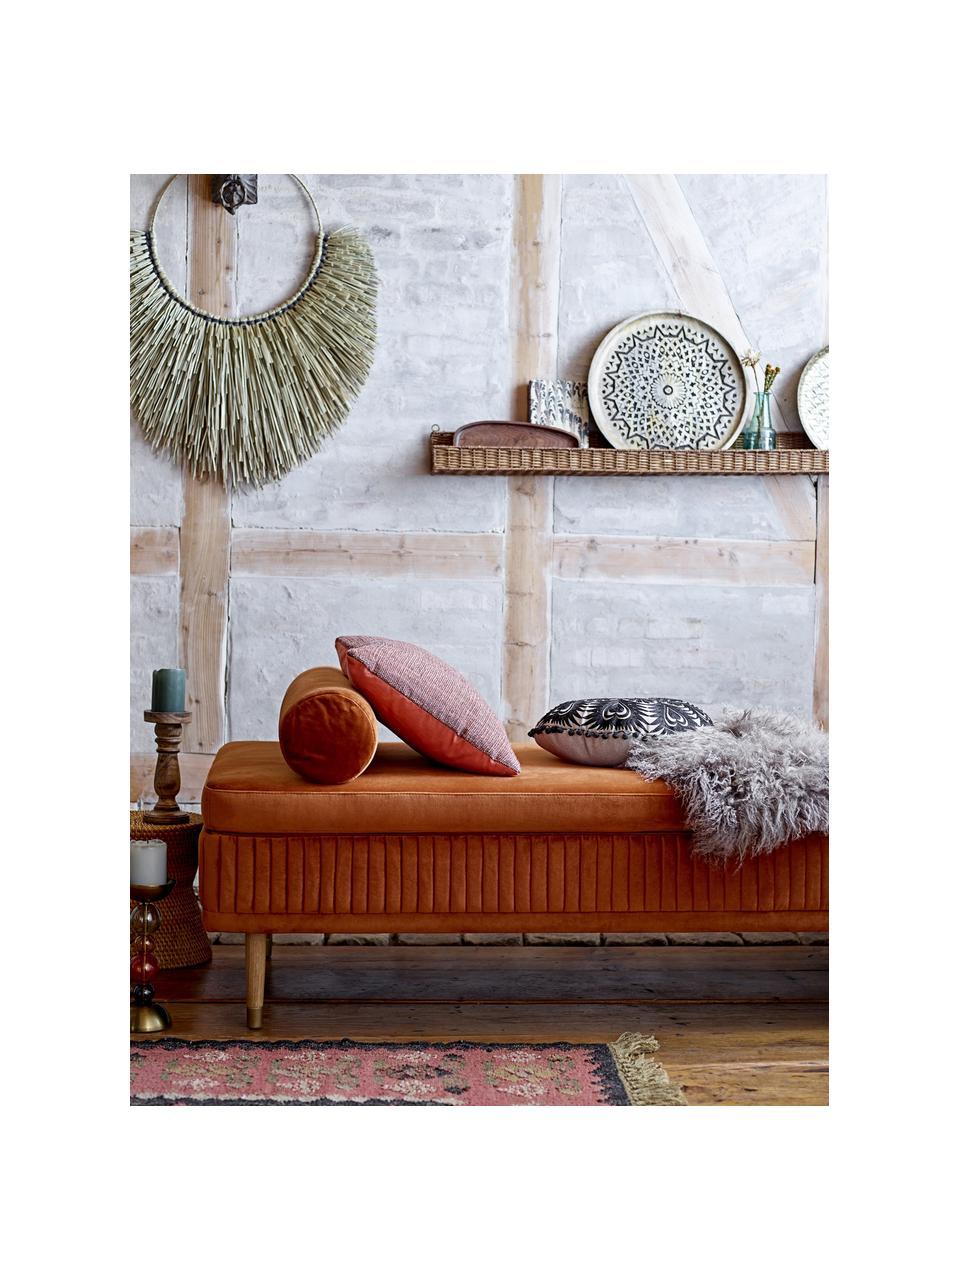 Łóżko dzienne z aksamitu z nogami z drewna dębowego Hailey, Tapicerka: aksamit poliestrowy, Nogi: drewno dębowe, metal, Aksamitny rdzawy brązowy, S 190 x G 80 cm